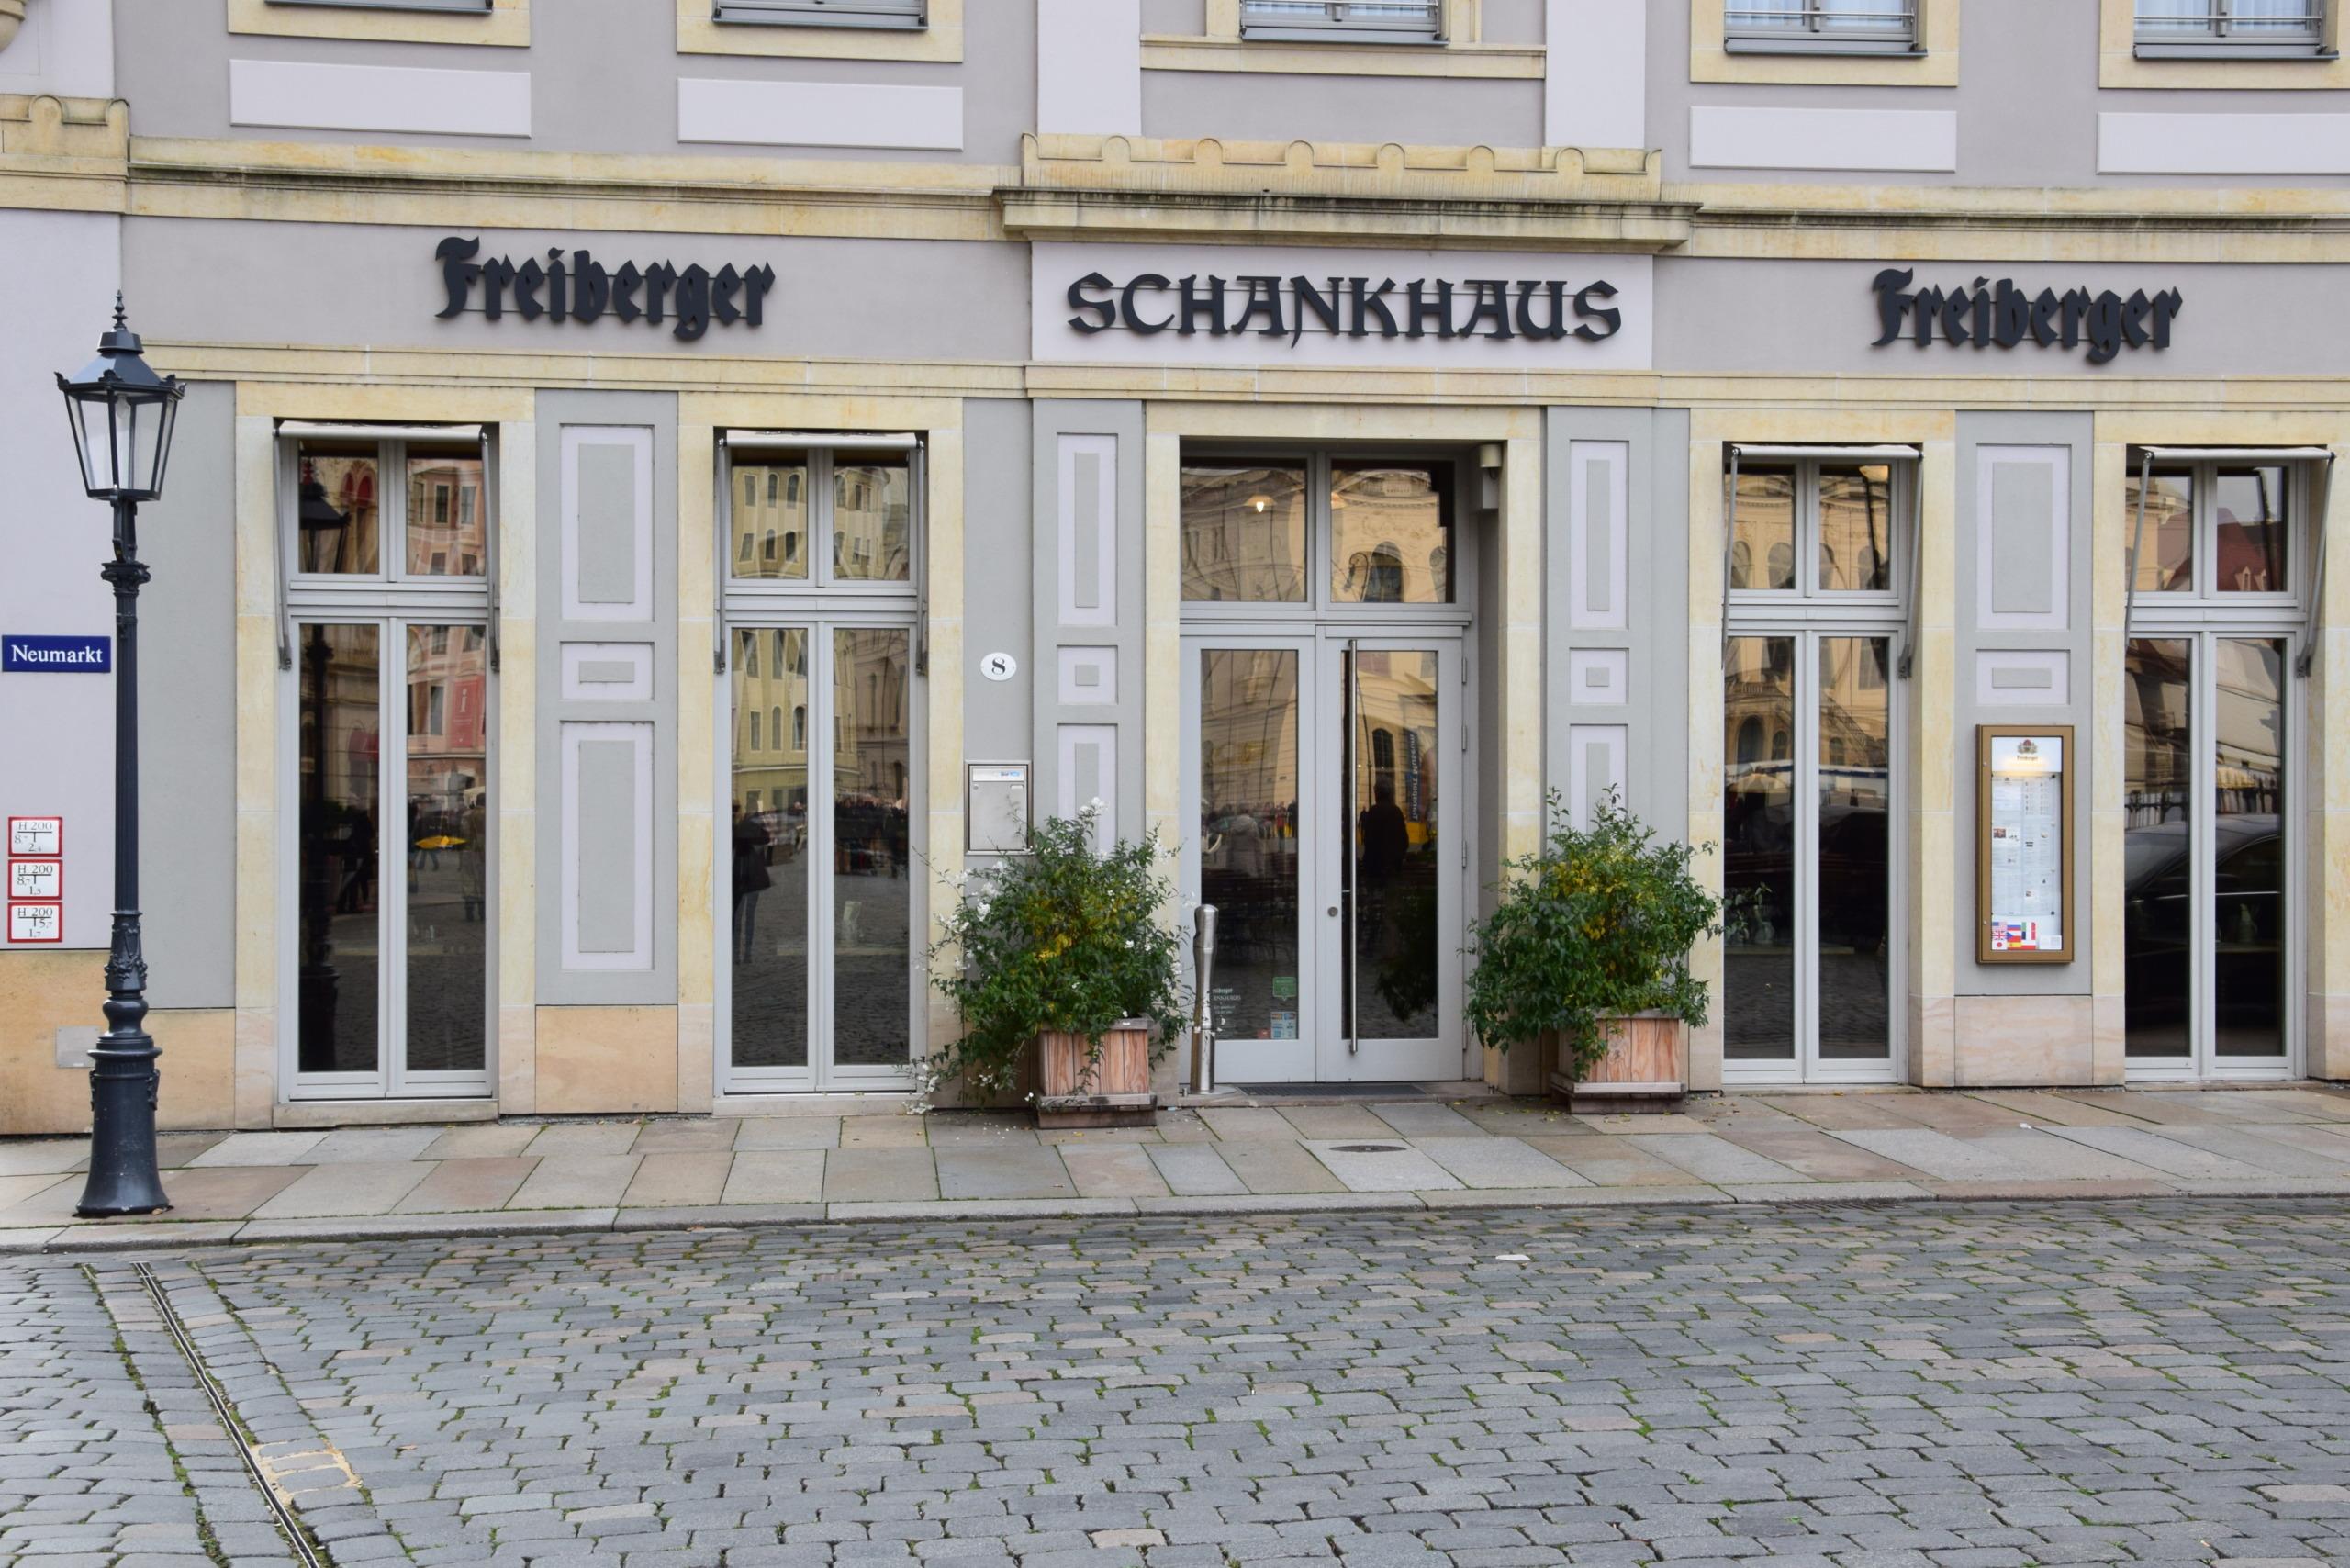 Freiberger Schankhaus Öffnungszeiten, Neumarkt in Dresden | Offen.net